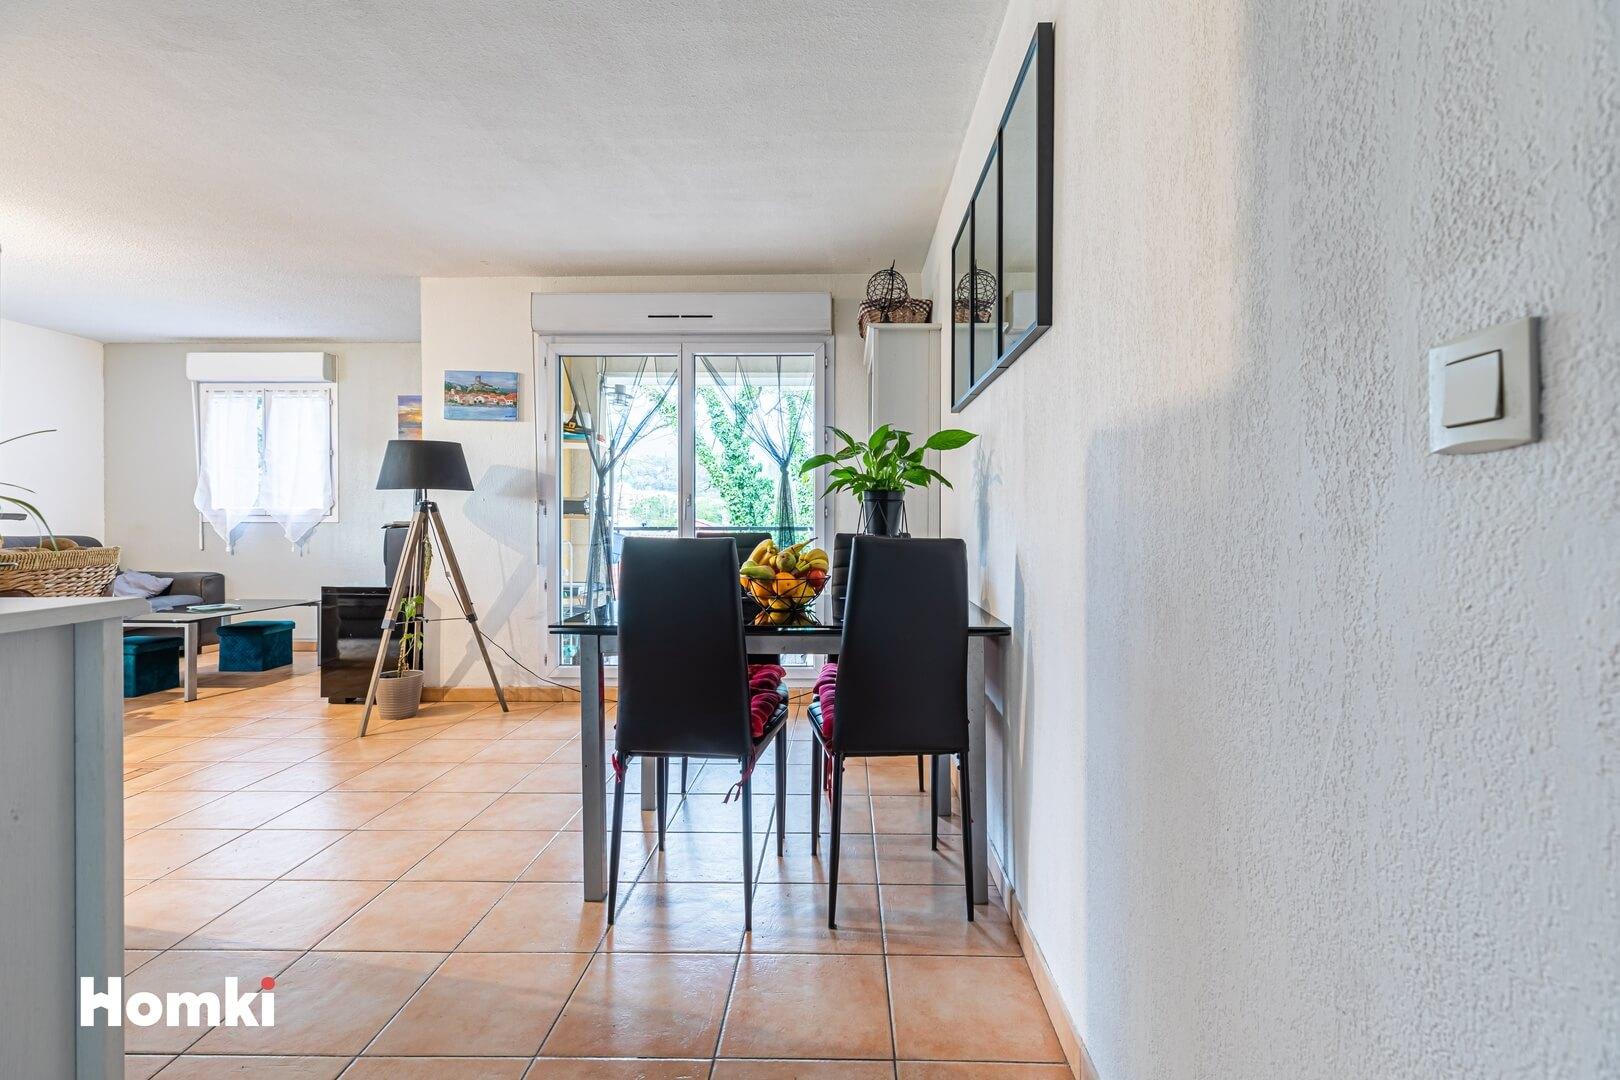 Homki - Vente Appartement  de 55.0 m² à Grasse 06130